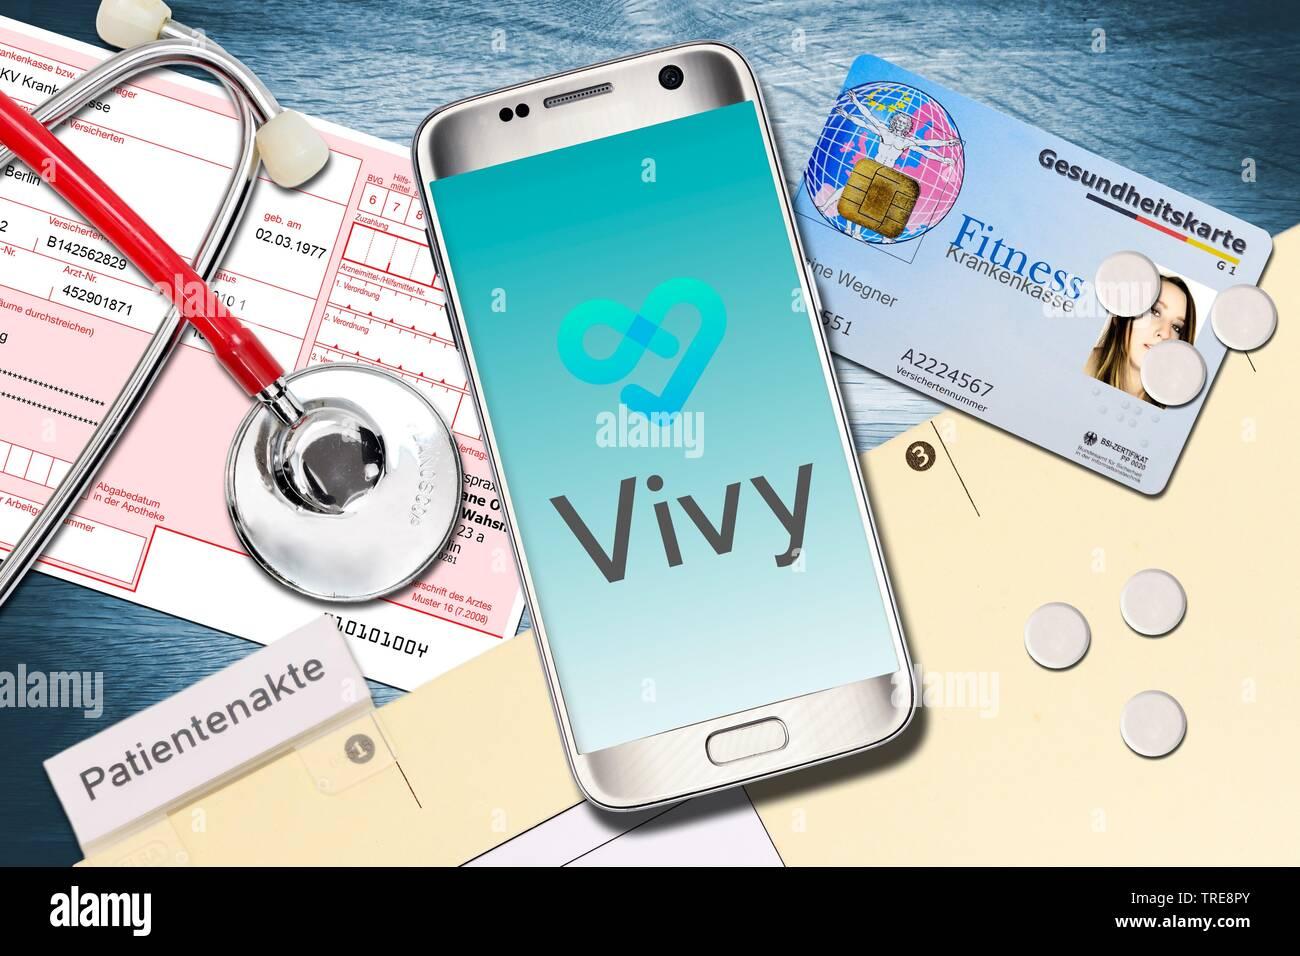 Vivy App auf dem Smartphone, Digitale Patientenakte, Deutschland | Vivy App, digital patient chart, Germania | BLWS520172.jpg [ (c) blickwinkel/McPHOTO Immagini Stock